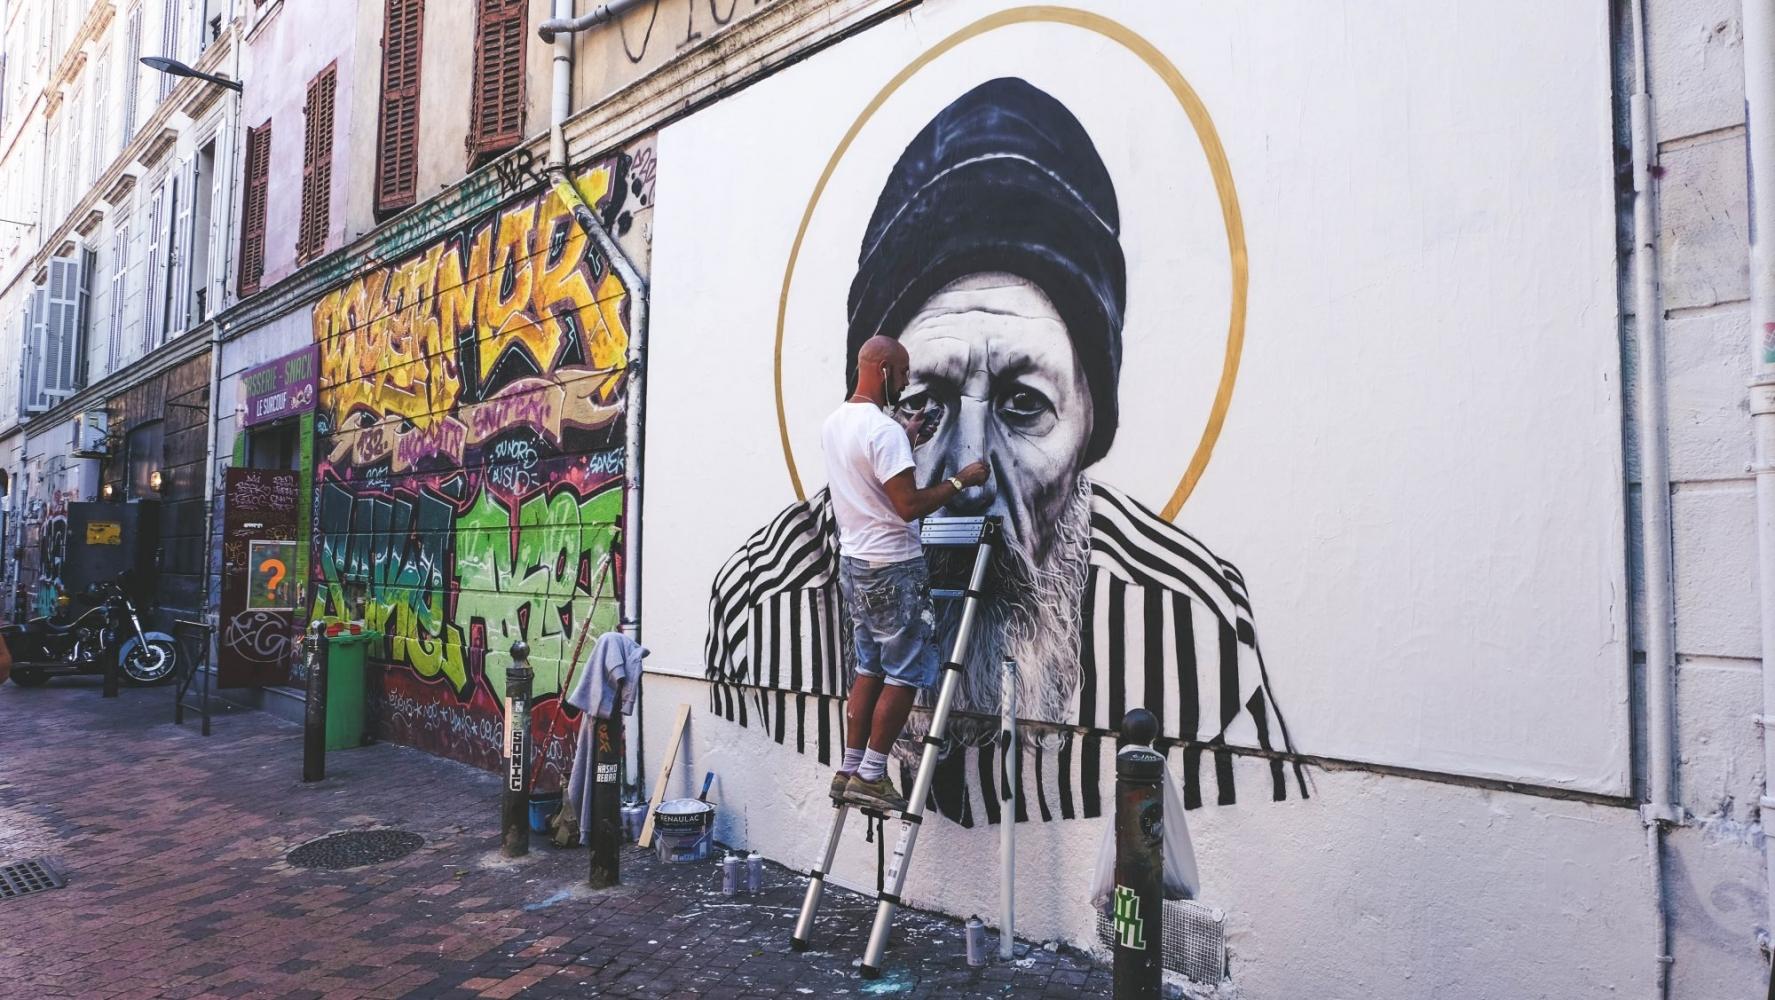 Cour Julien Marseille avec un street artist Swed Oner